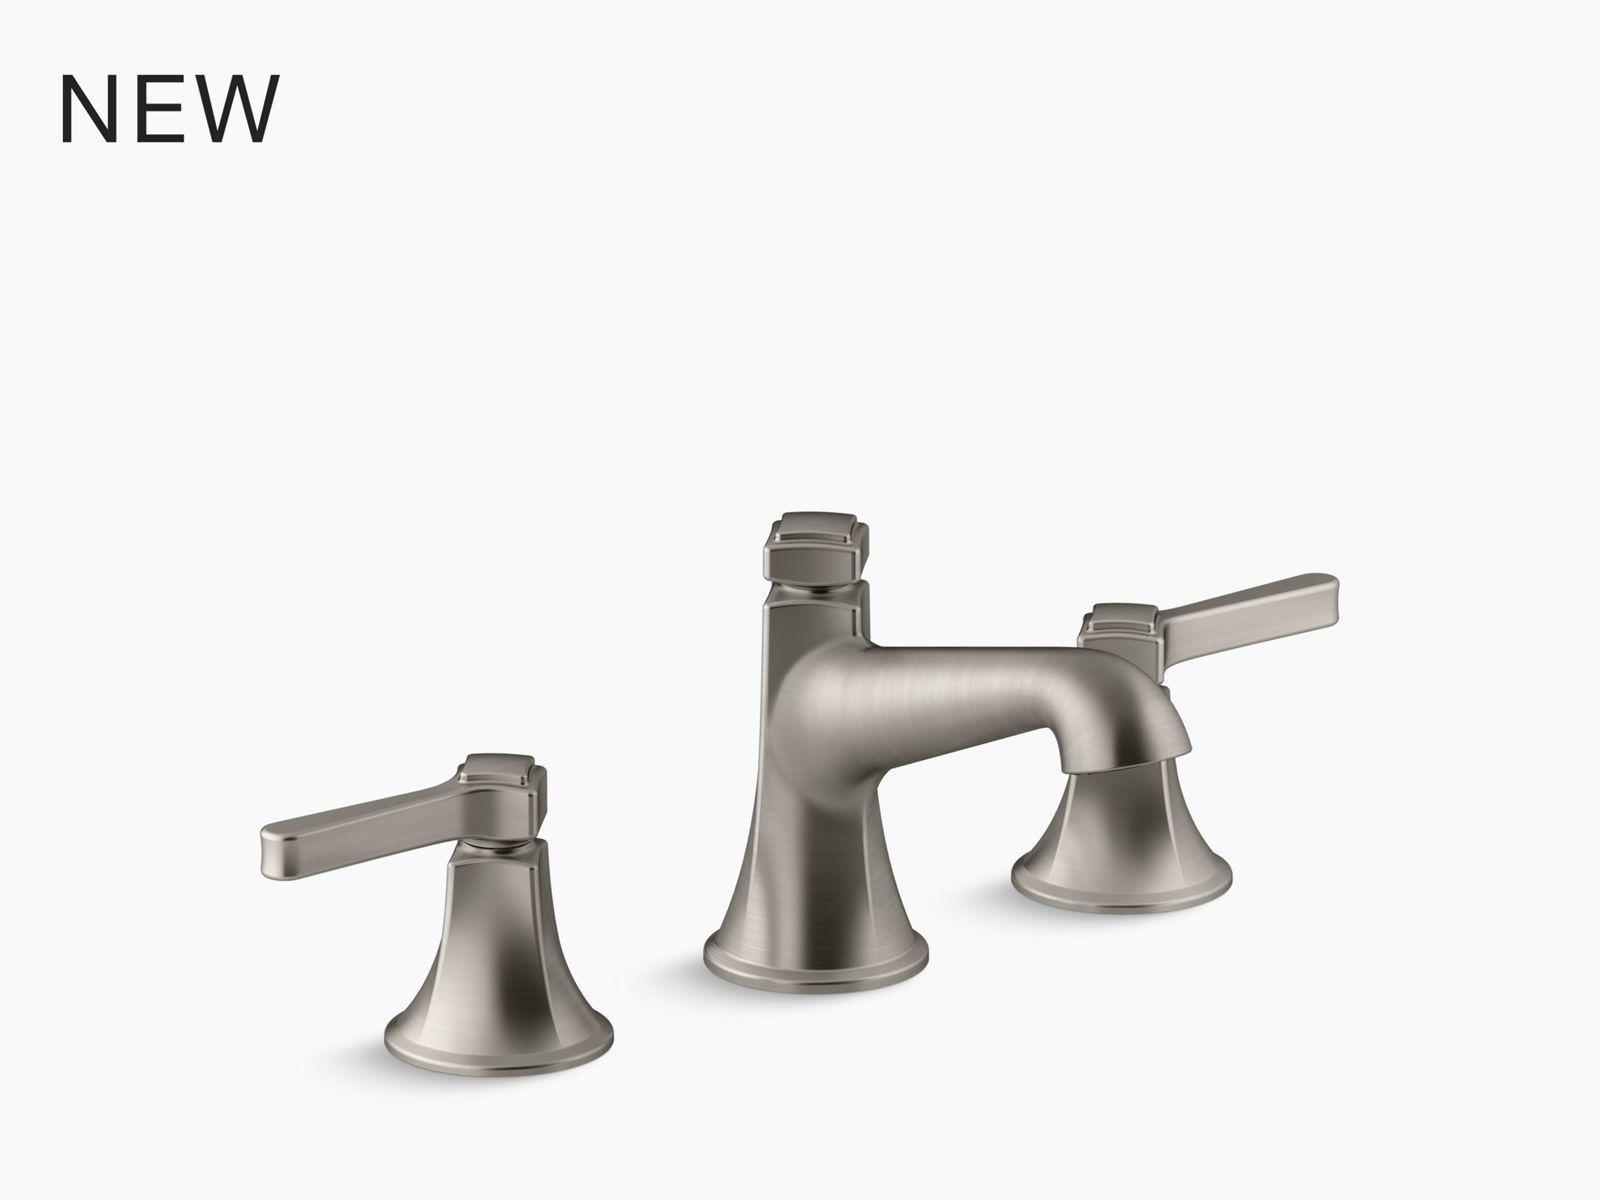 alteo widespread bathroom sink faucet